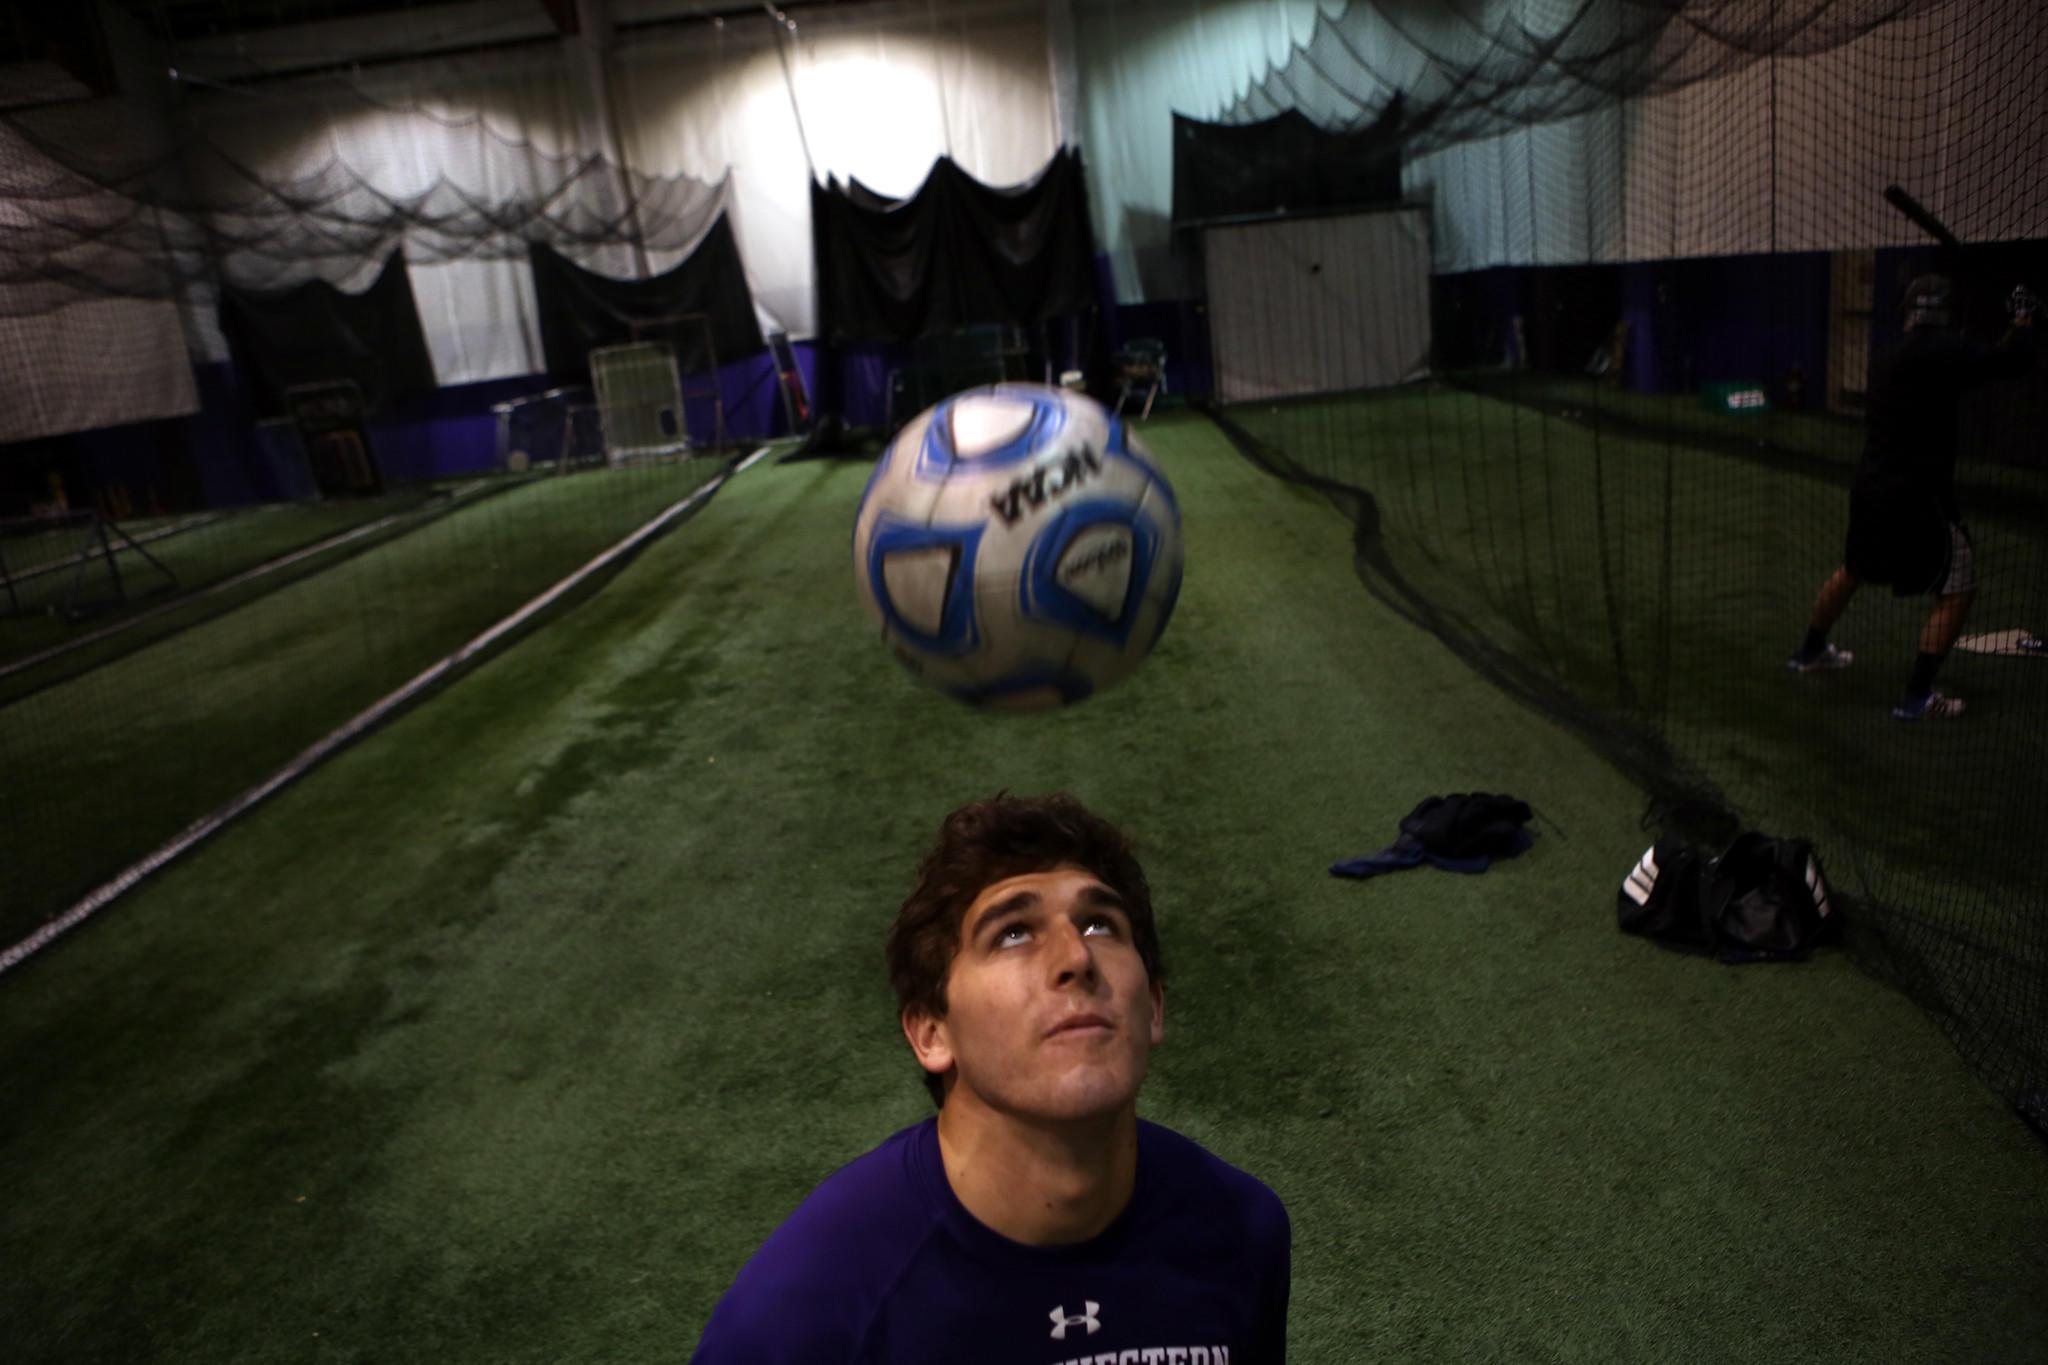 Former Northwestern University soccer player Chris Ritter.